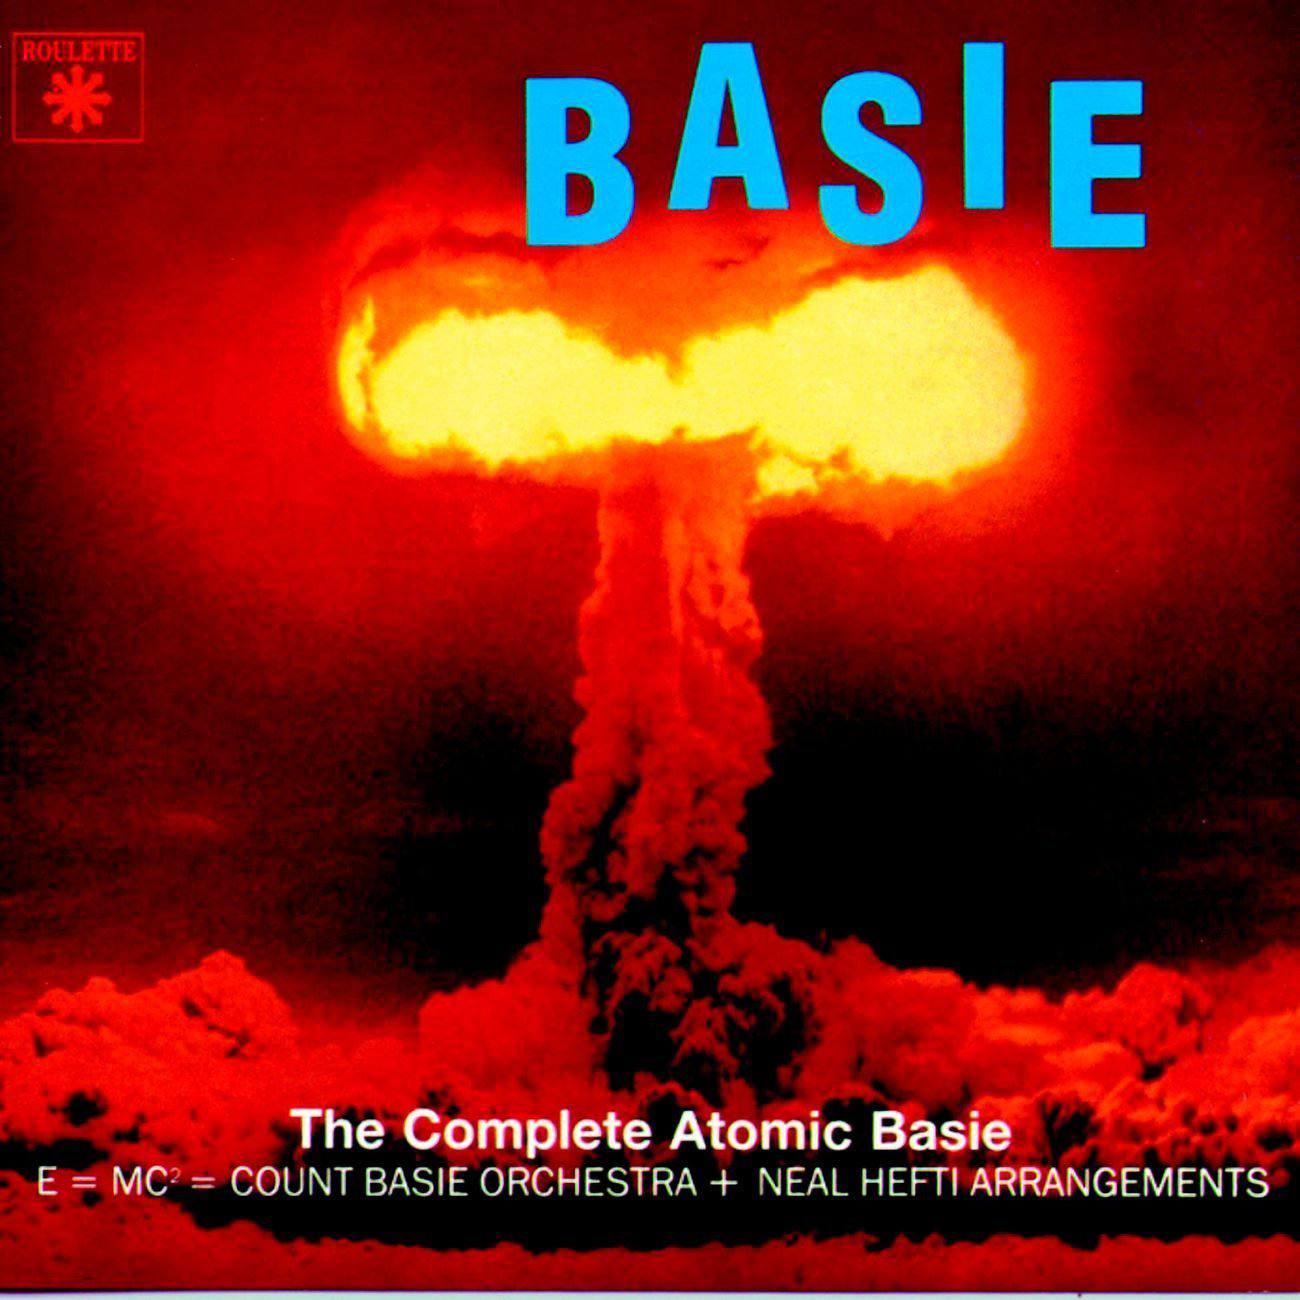 Basie